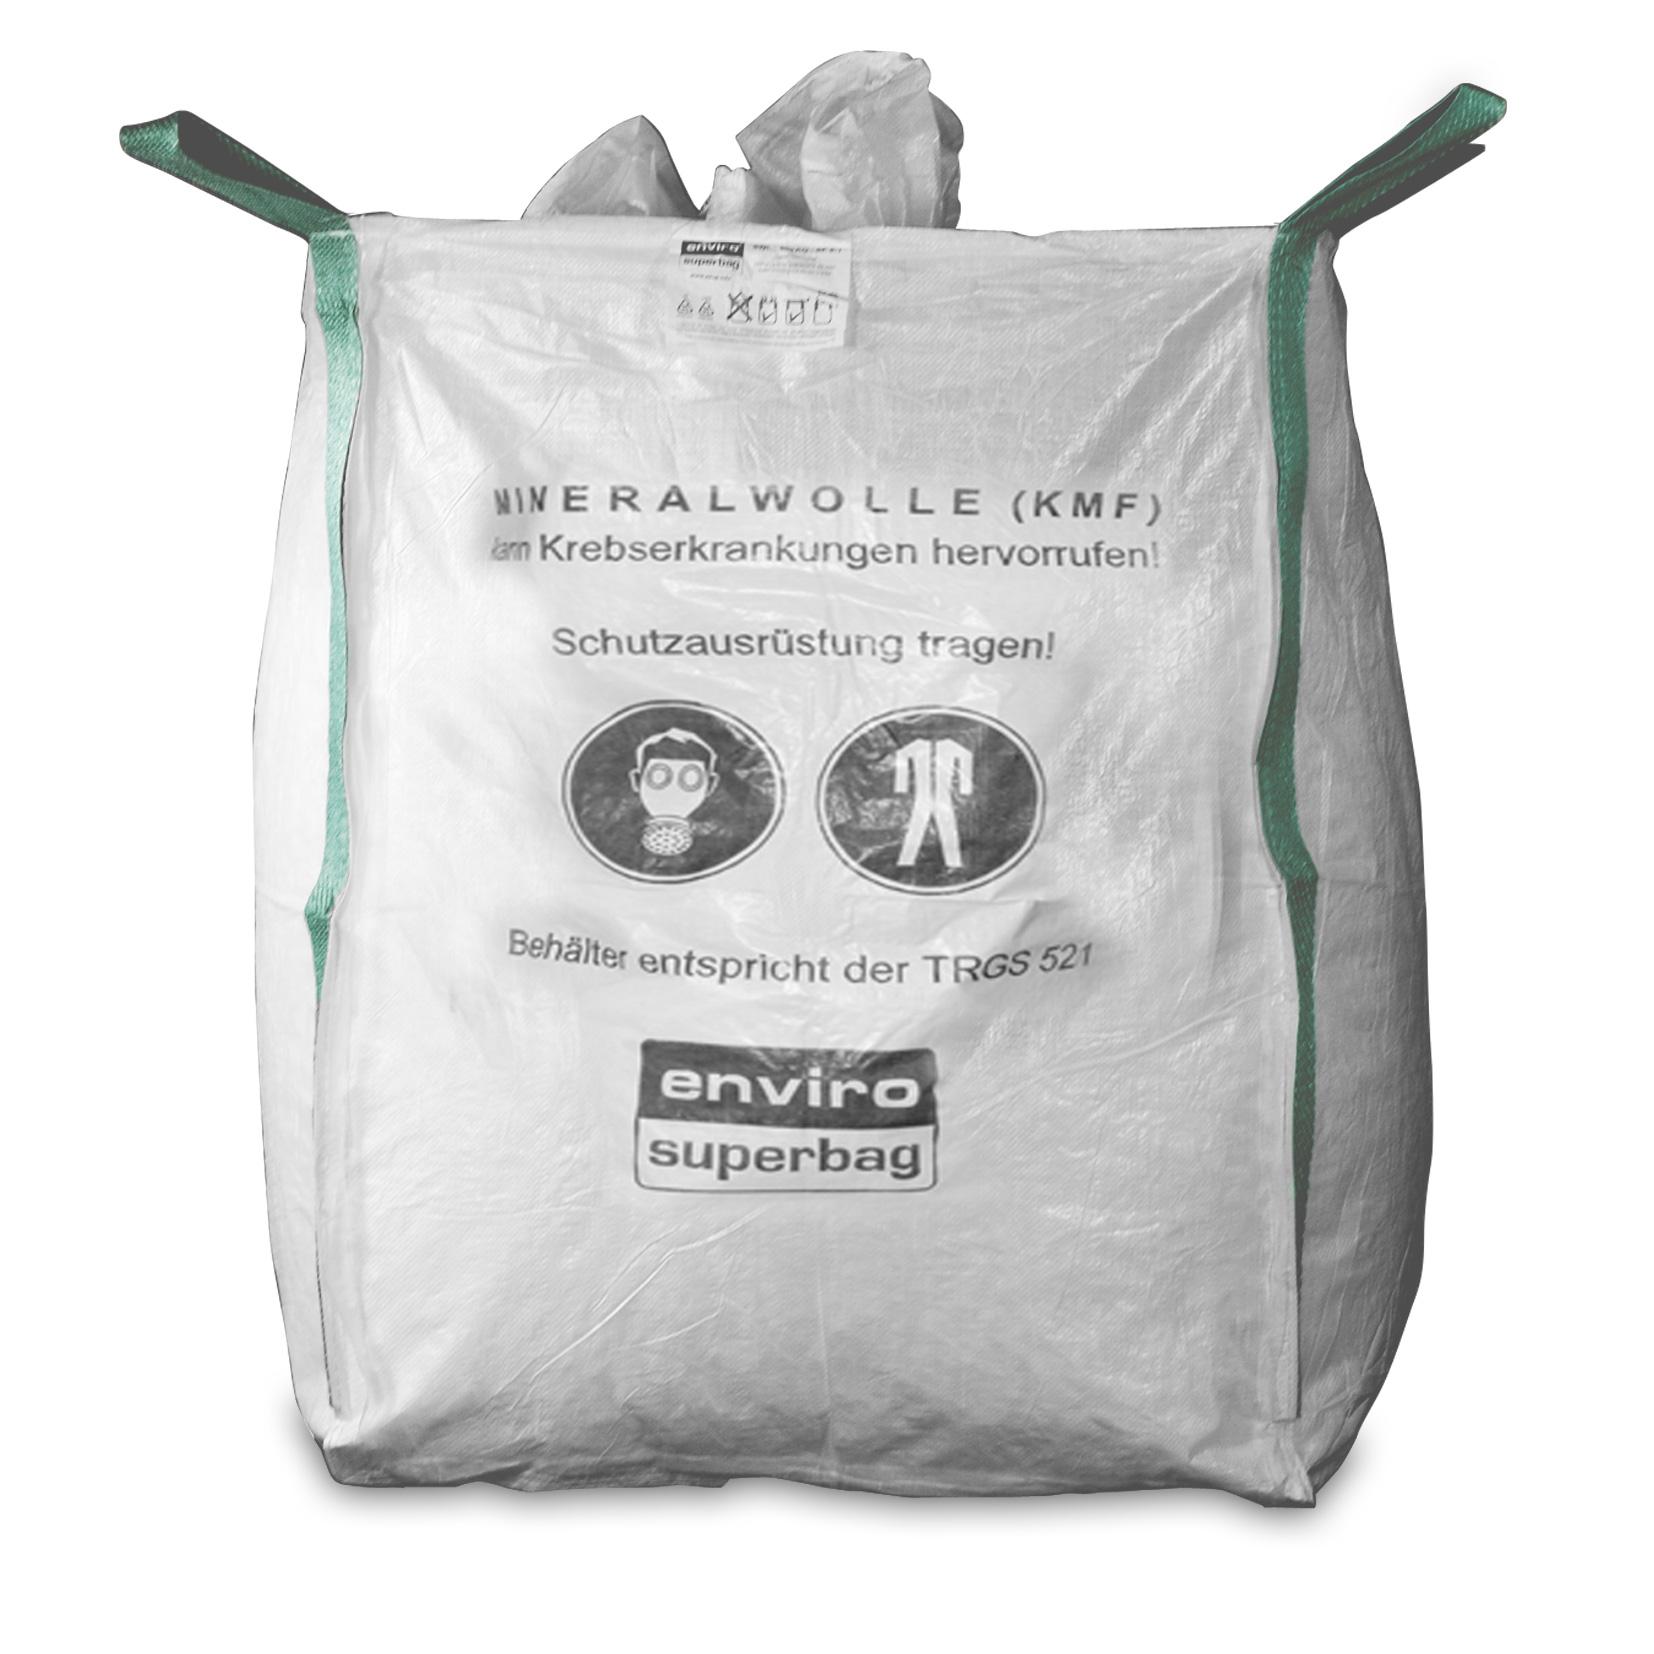 Neu MIRAWO Big Bag 90x90x120 cm, 4 Hebeschlaufen   Asup.info Online Shop RD82